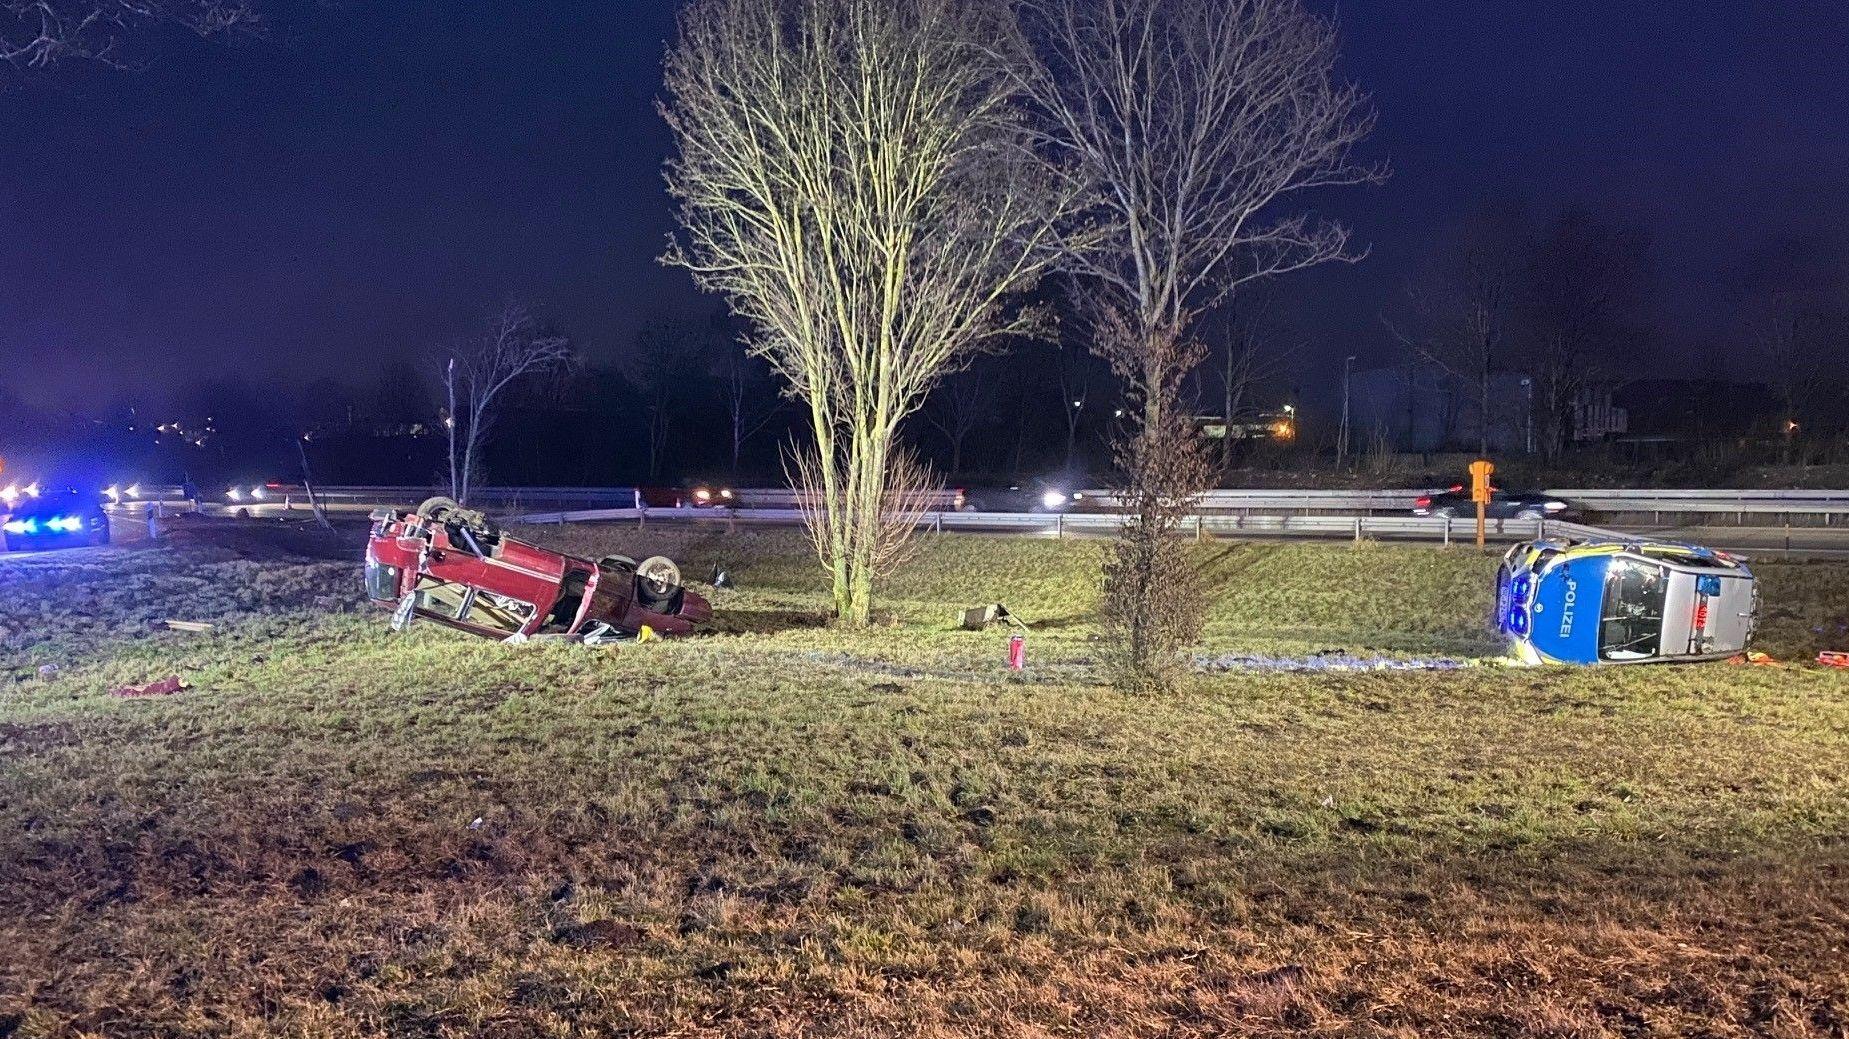 Links das Fluchtauto auf dem Dach liegend, rechts das umgekippte Polizeiauto